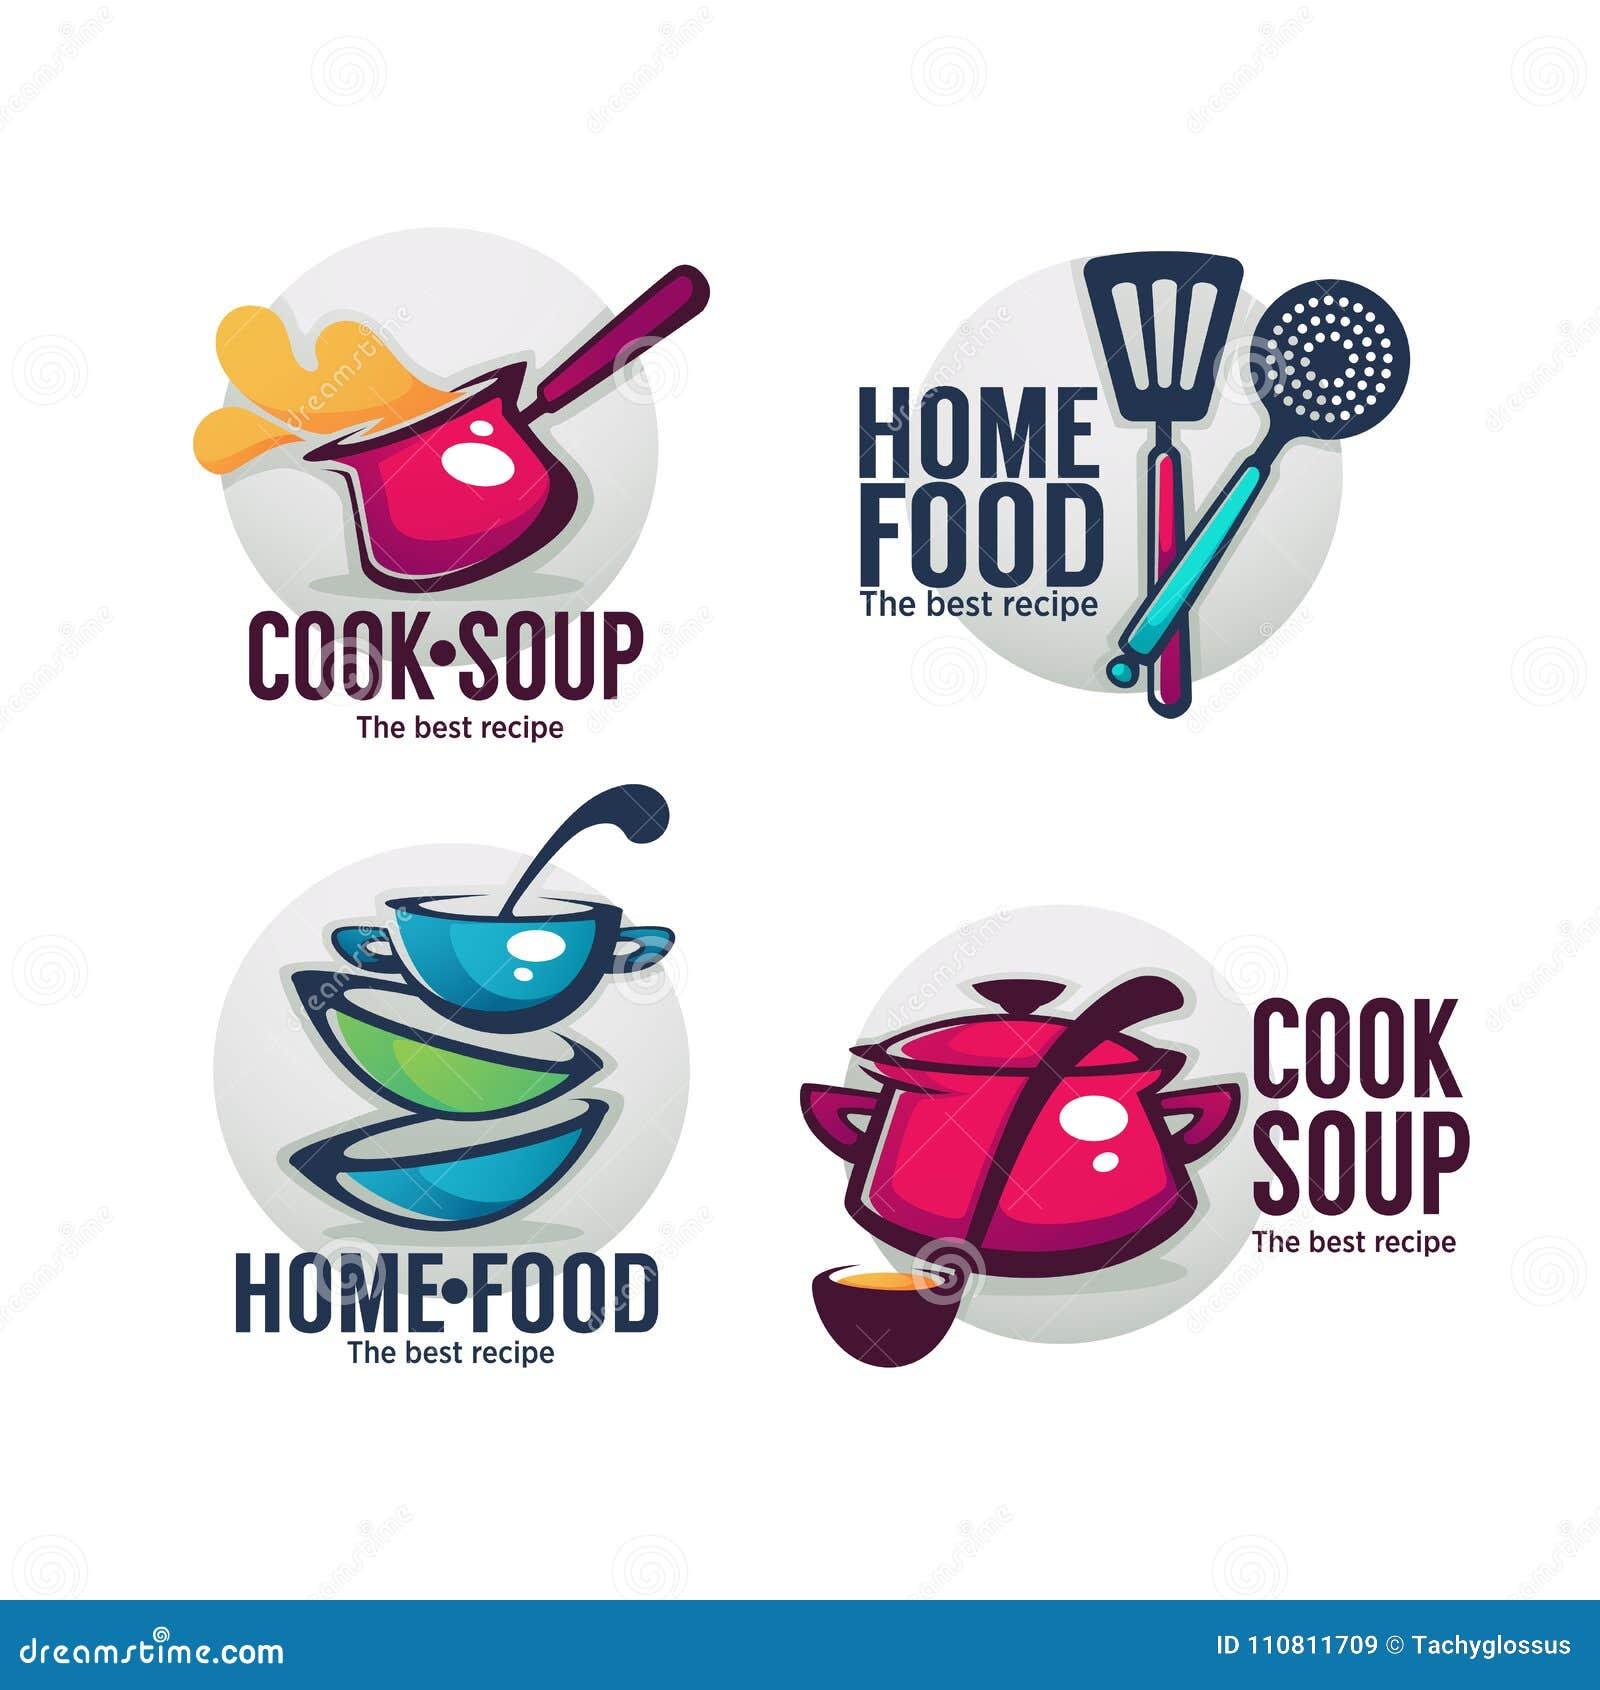 Сварите суп и домашнюю еду, собрание вектора шара вполне вкусного